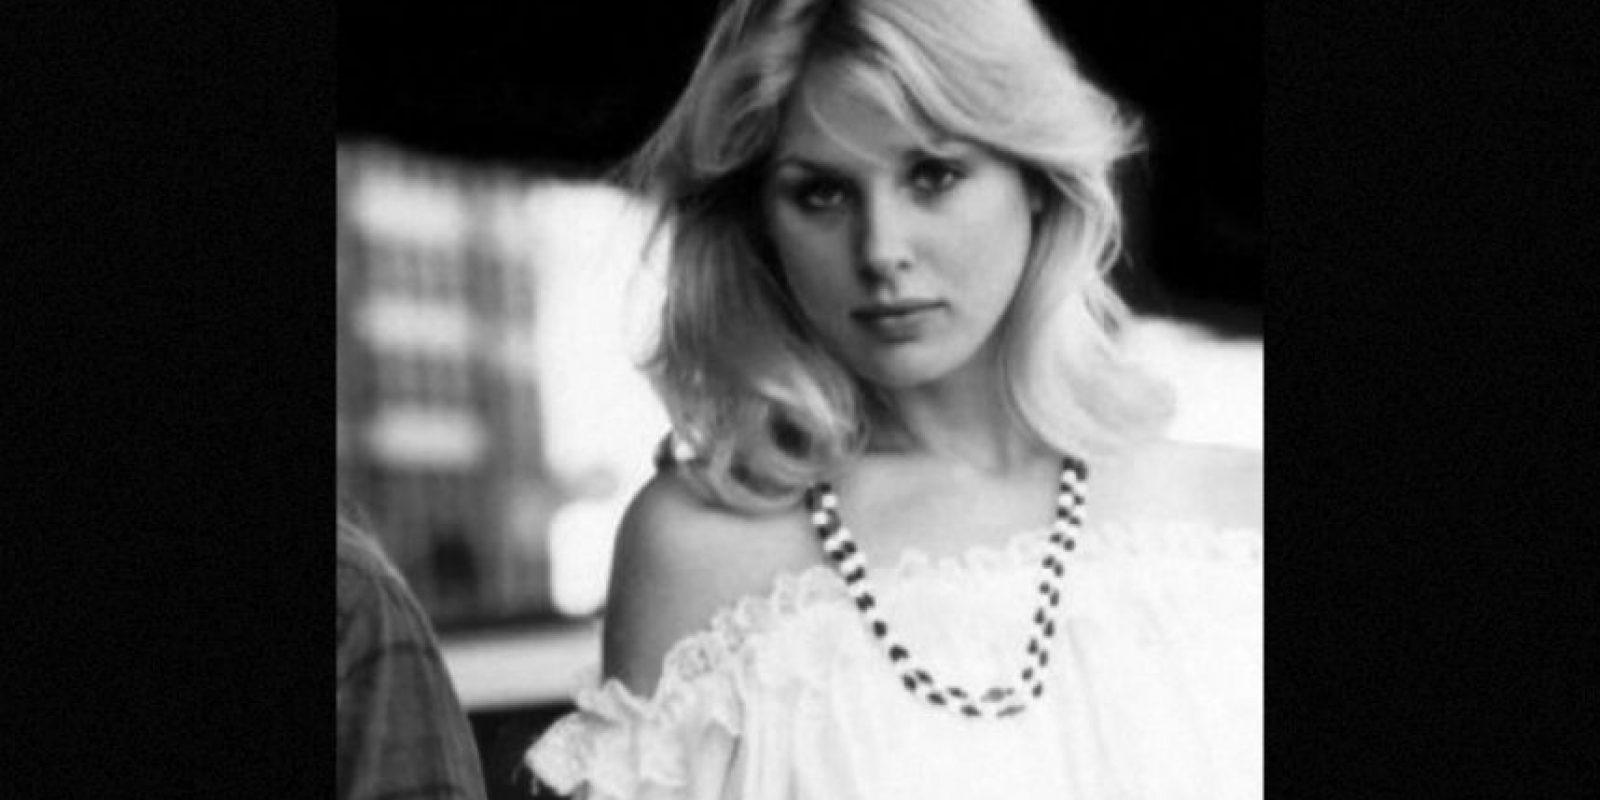 Dorothy Stratten fue una conejita Playboy cuyo celoso marido la ató a una silla sexual. Luego le dio varios tiros en la cabeza que le desparramaron el cerebro. Foto:Wikimedia